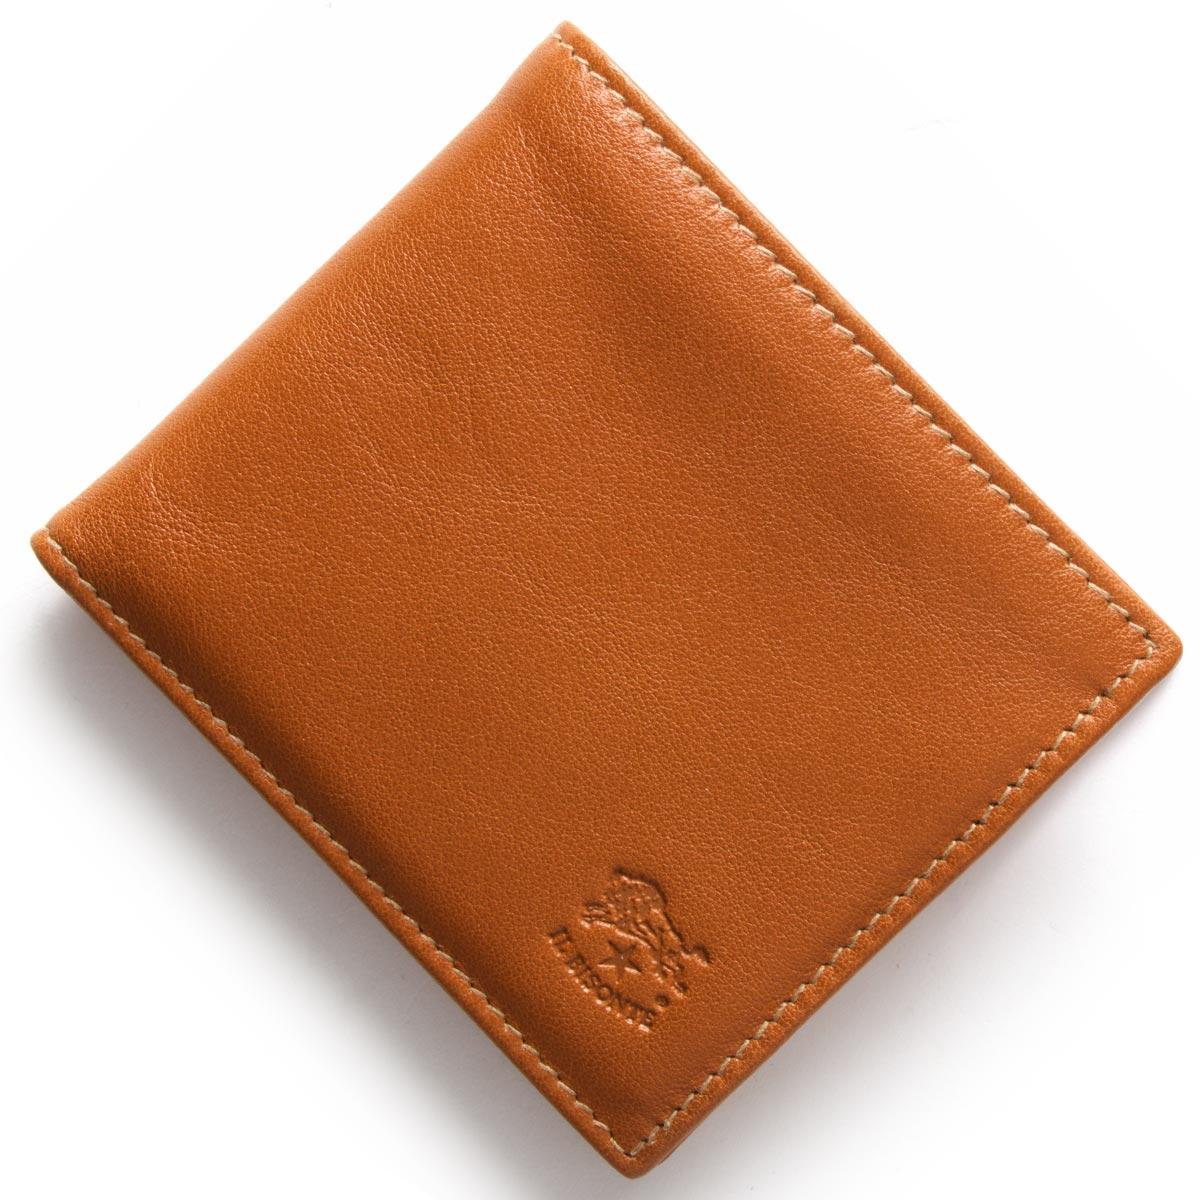 イルビゾンテ 二つ折り財布 財布 メンズ スタンダード STANDARD キャラメルブラウン C0487 MP 145 IL BISONTE